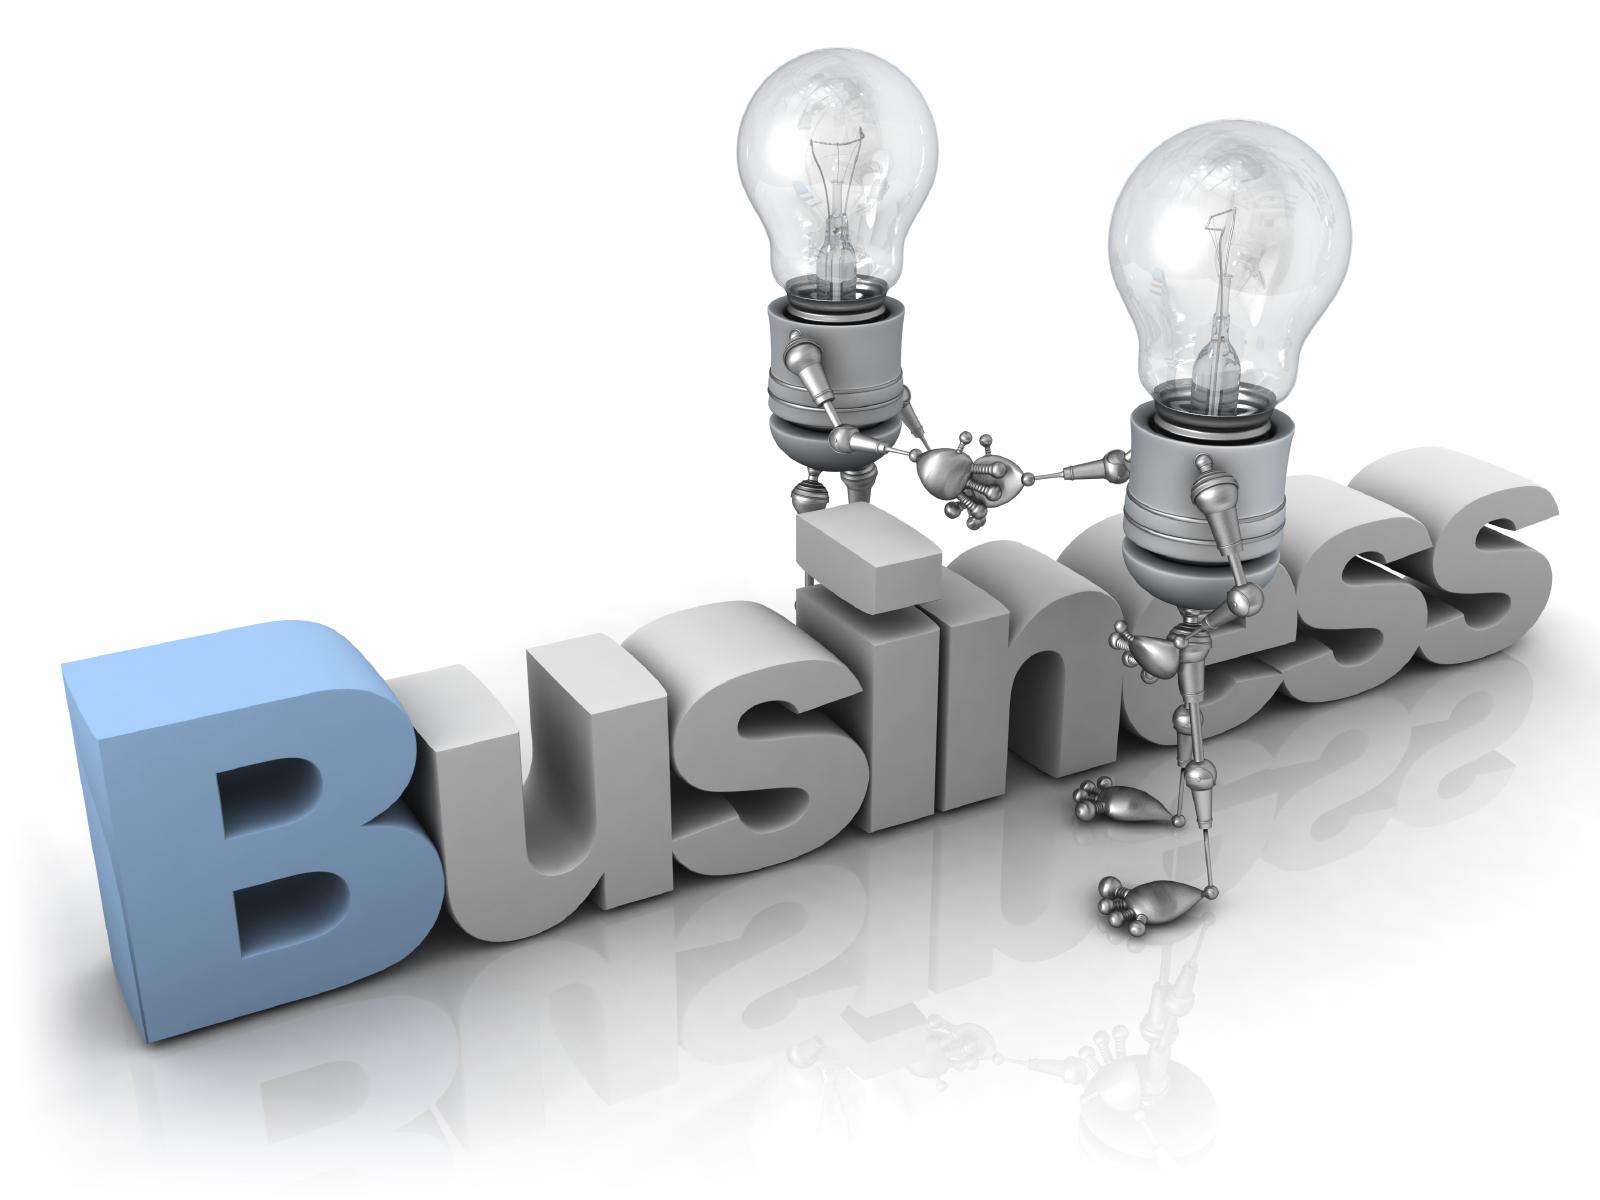 SHOW-Business et non HIDE-Business